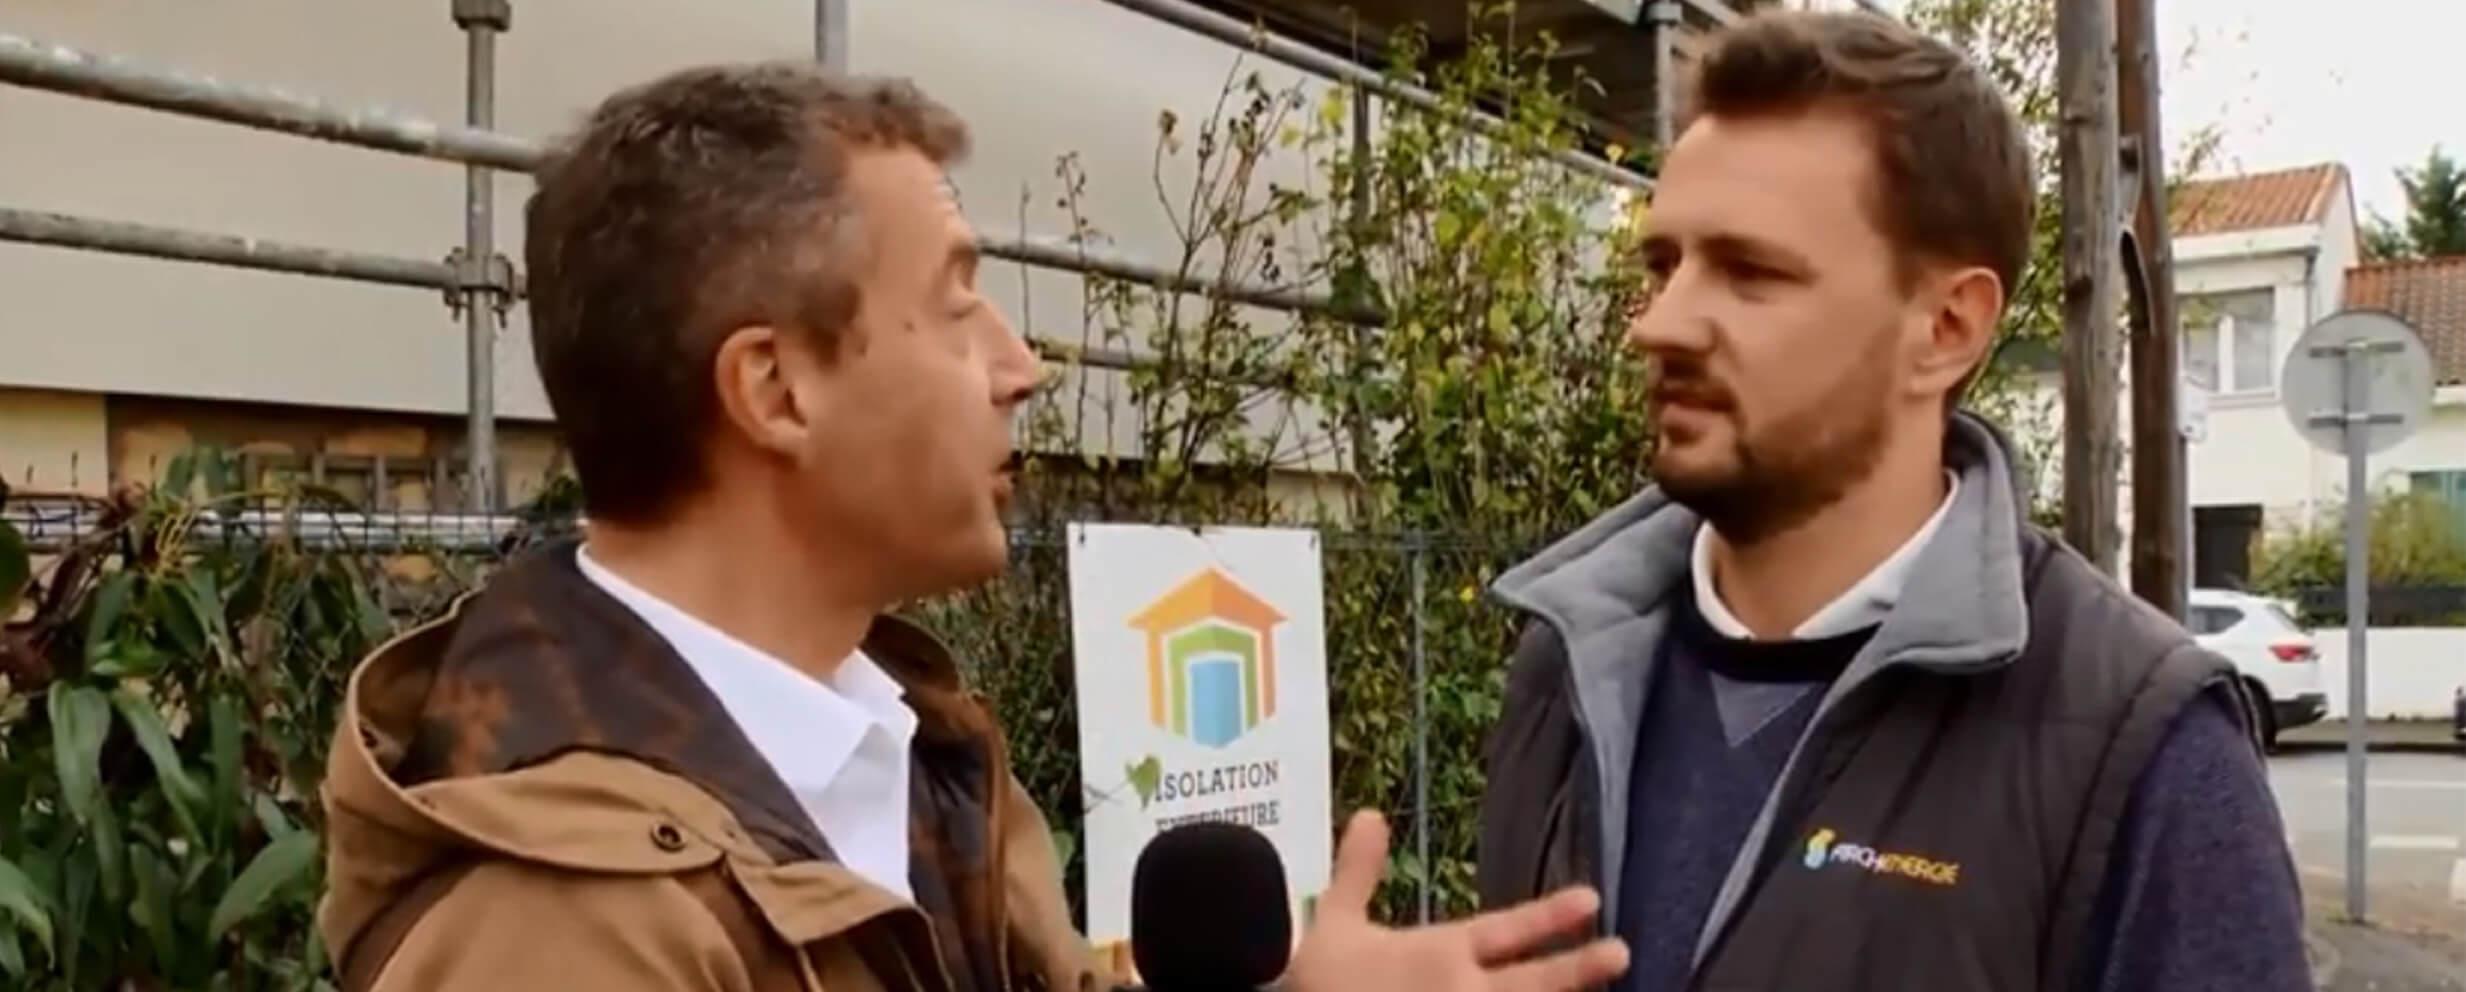 Pour le lancement de Ma Rénov Bordeaux Métropole, Archenergie présente un projet à TV7